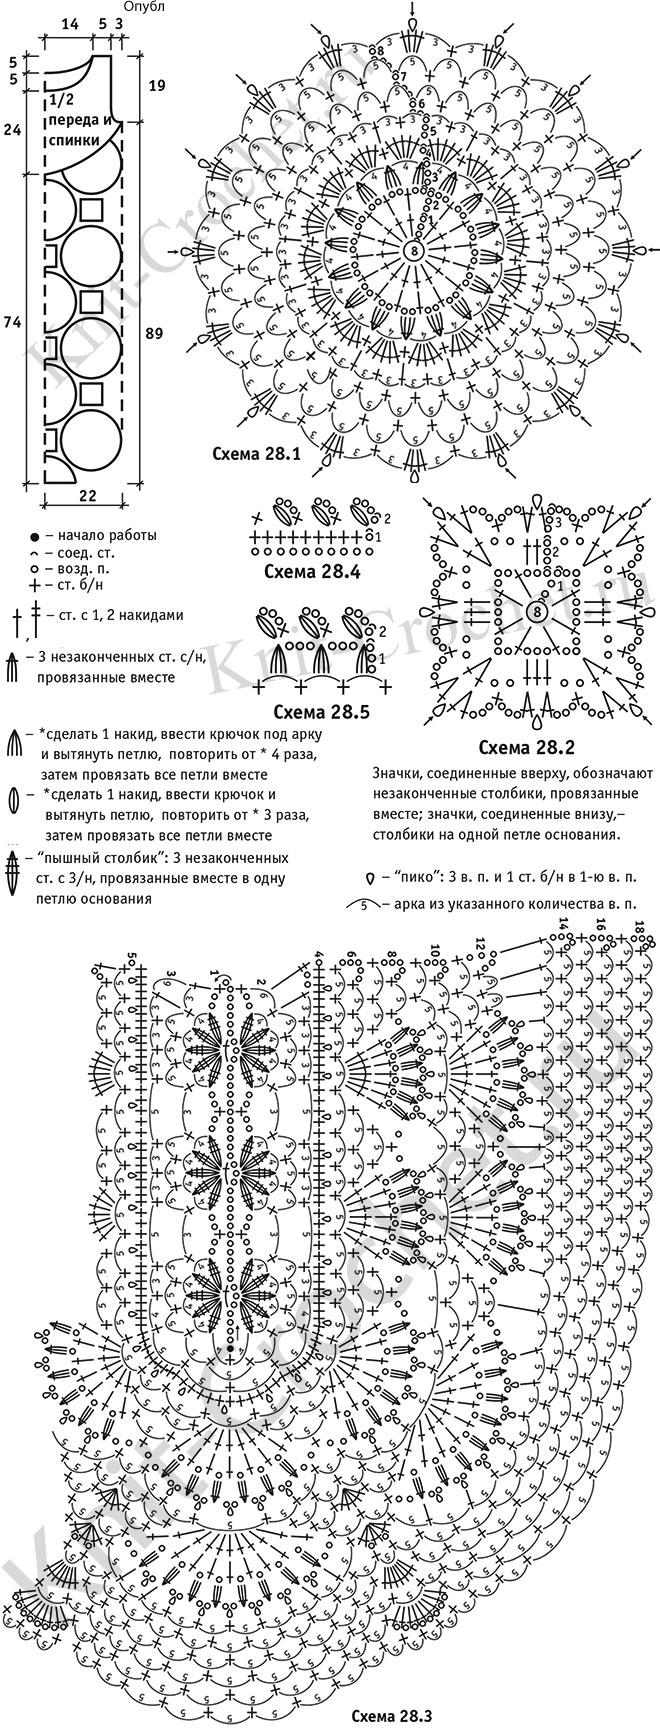 Выкройка, схемы узоров с описанием вязания крючком платья из цветочных мотивов размера 46-48.